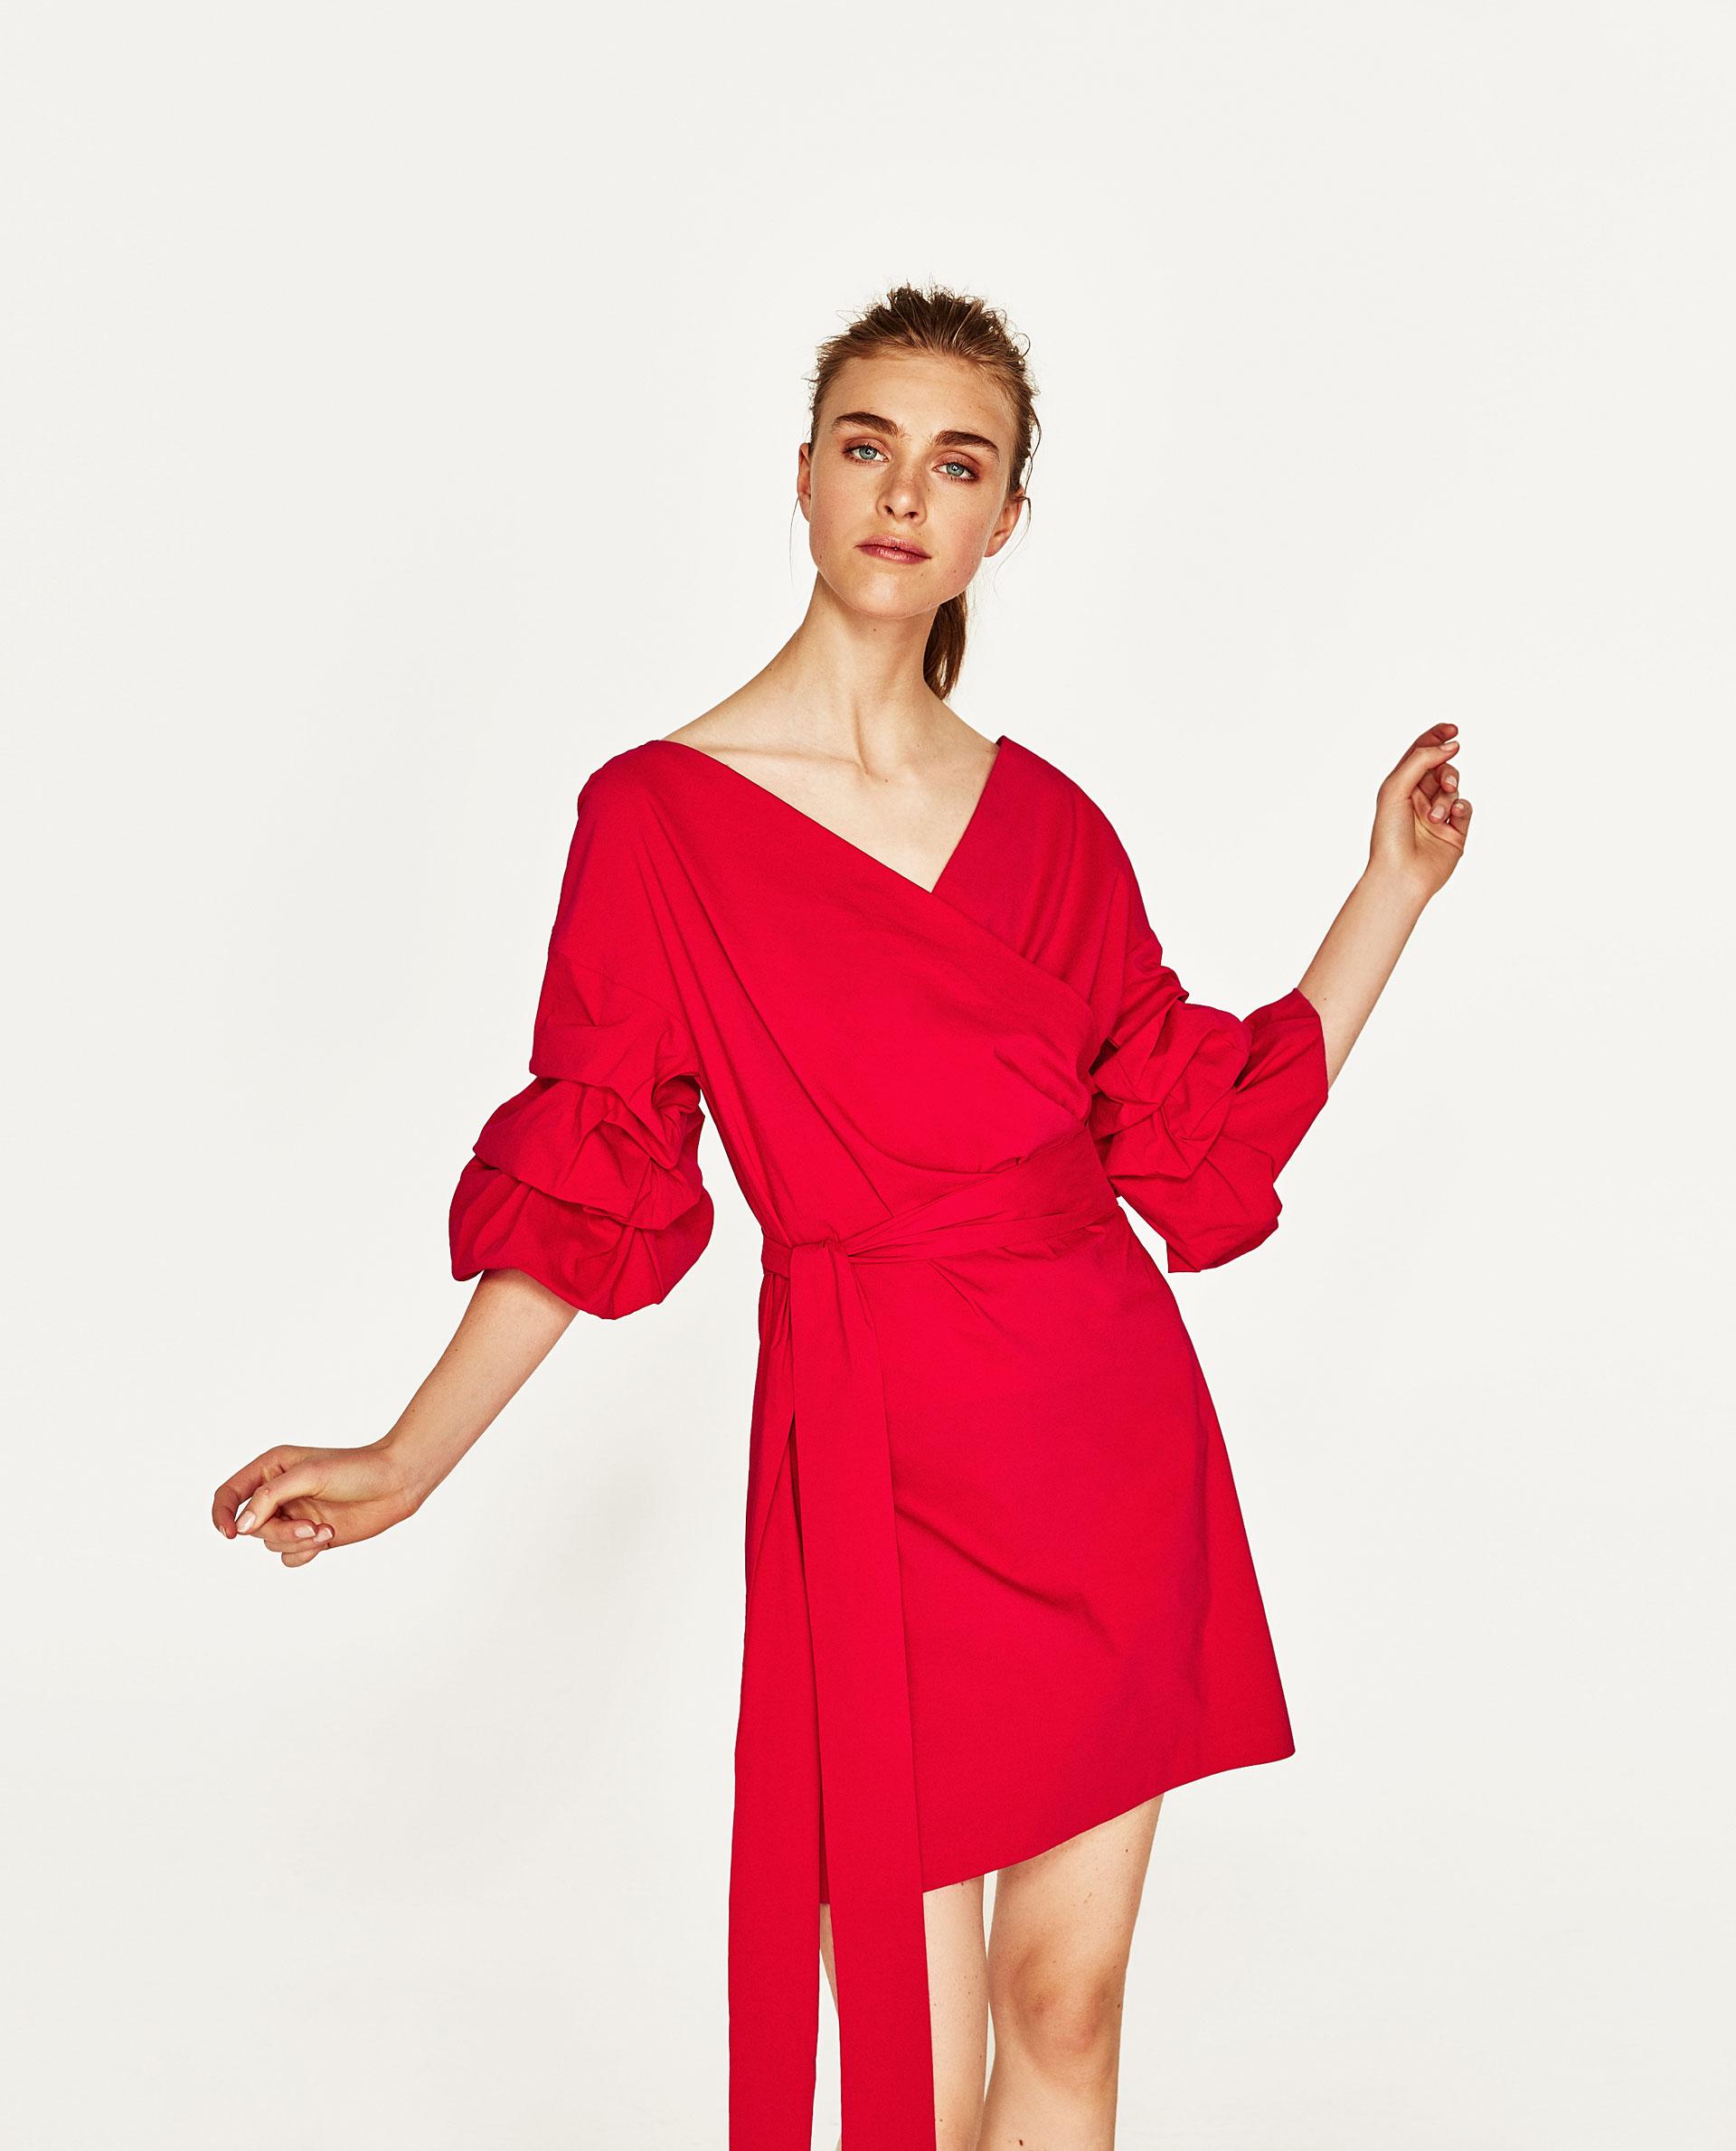 ZARA abitino rosso moda low cost estate 2017 mamme a spillo